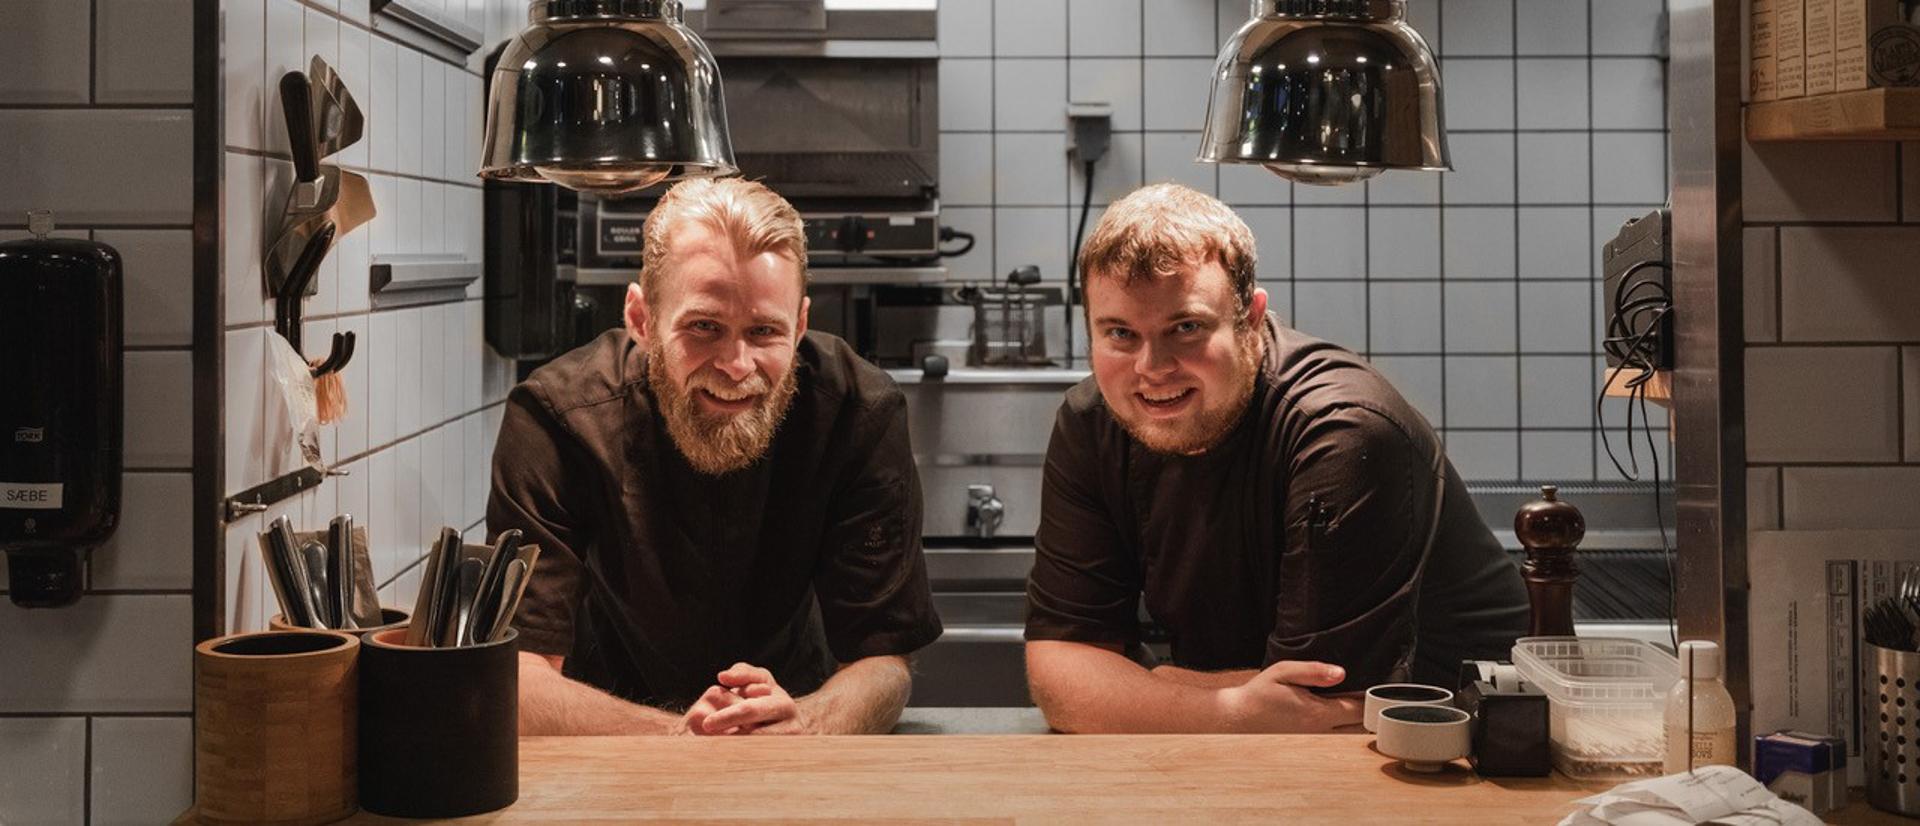 Green Vibe Burger bliver til Folkebistroen:Samme ejere men nye retter på menukortet